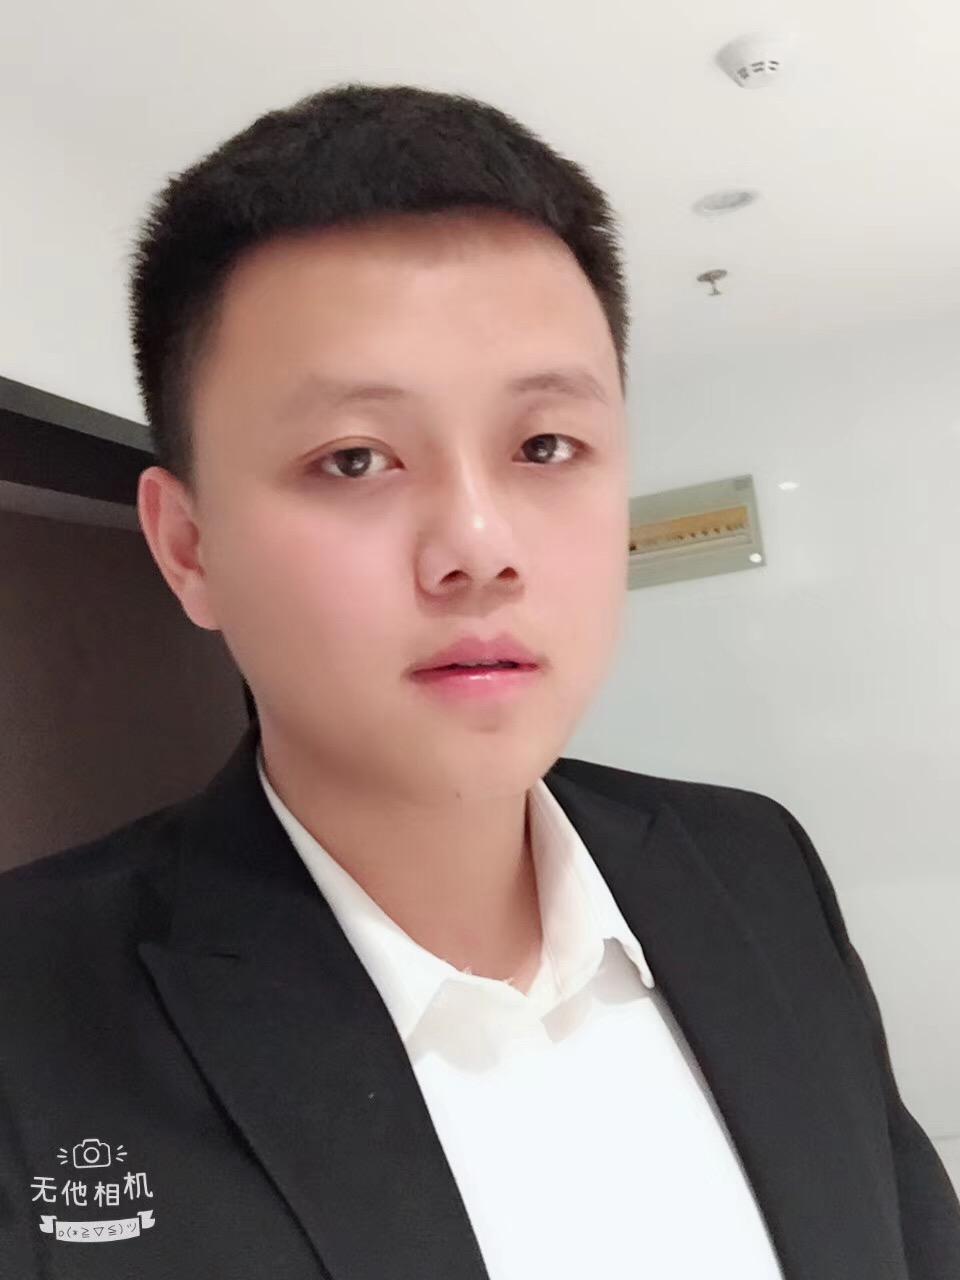 徐州马鹏设计师